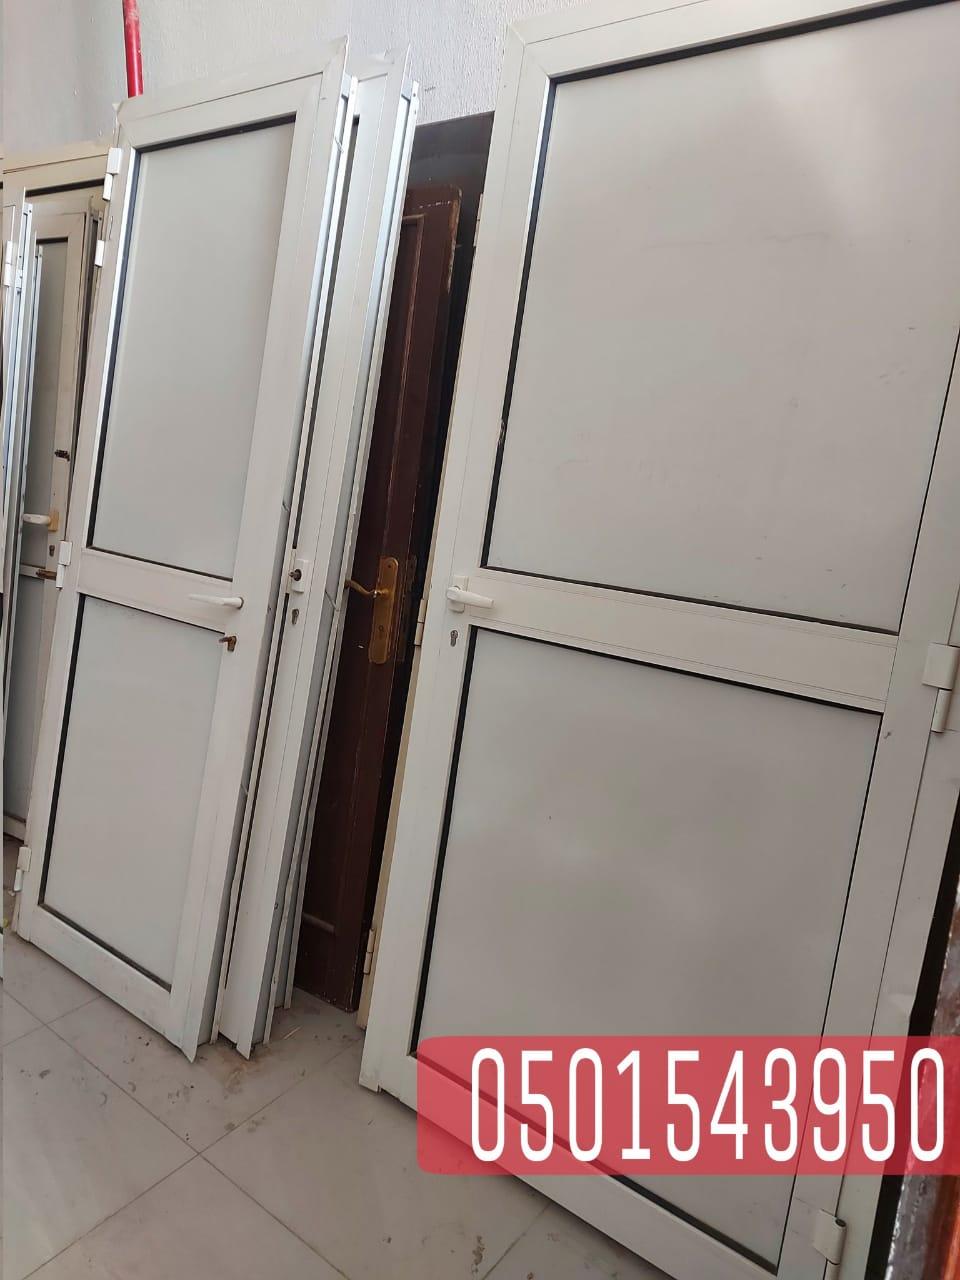 ورشة تركيب نوافذ شتر المنيوم , صيانة نوافذ في جدة , 0501543950 P_20771symb3